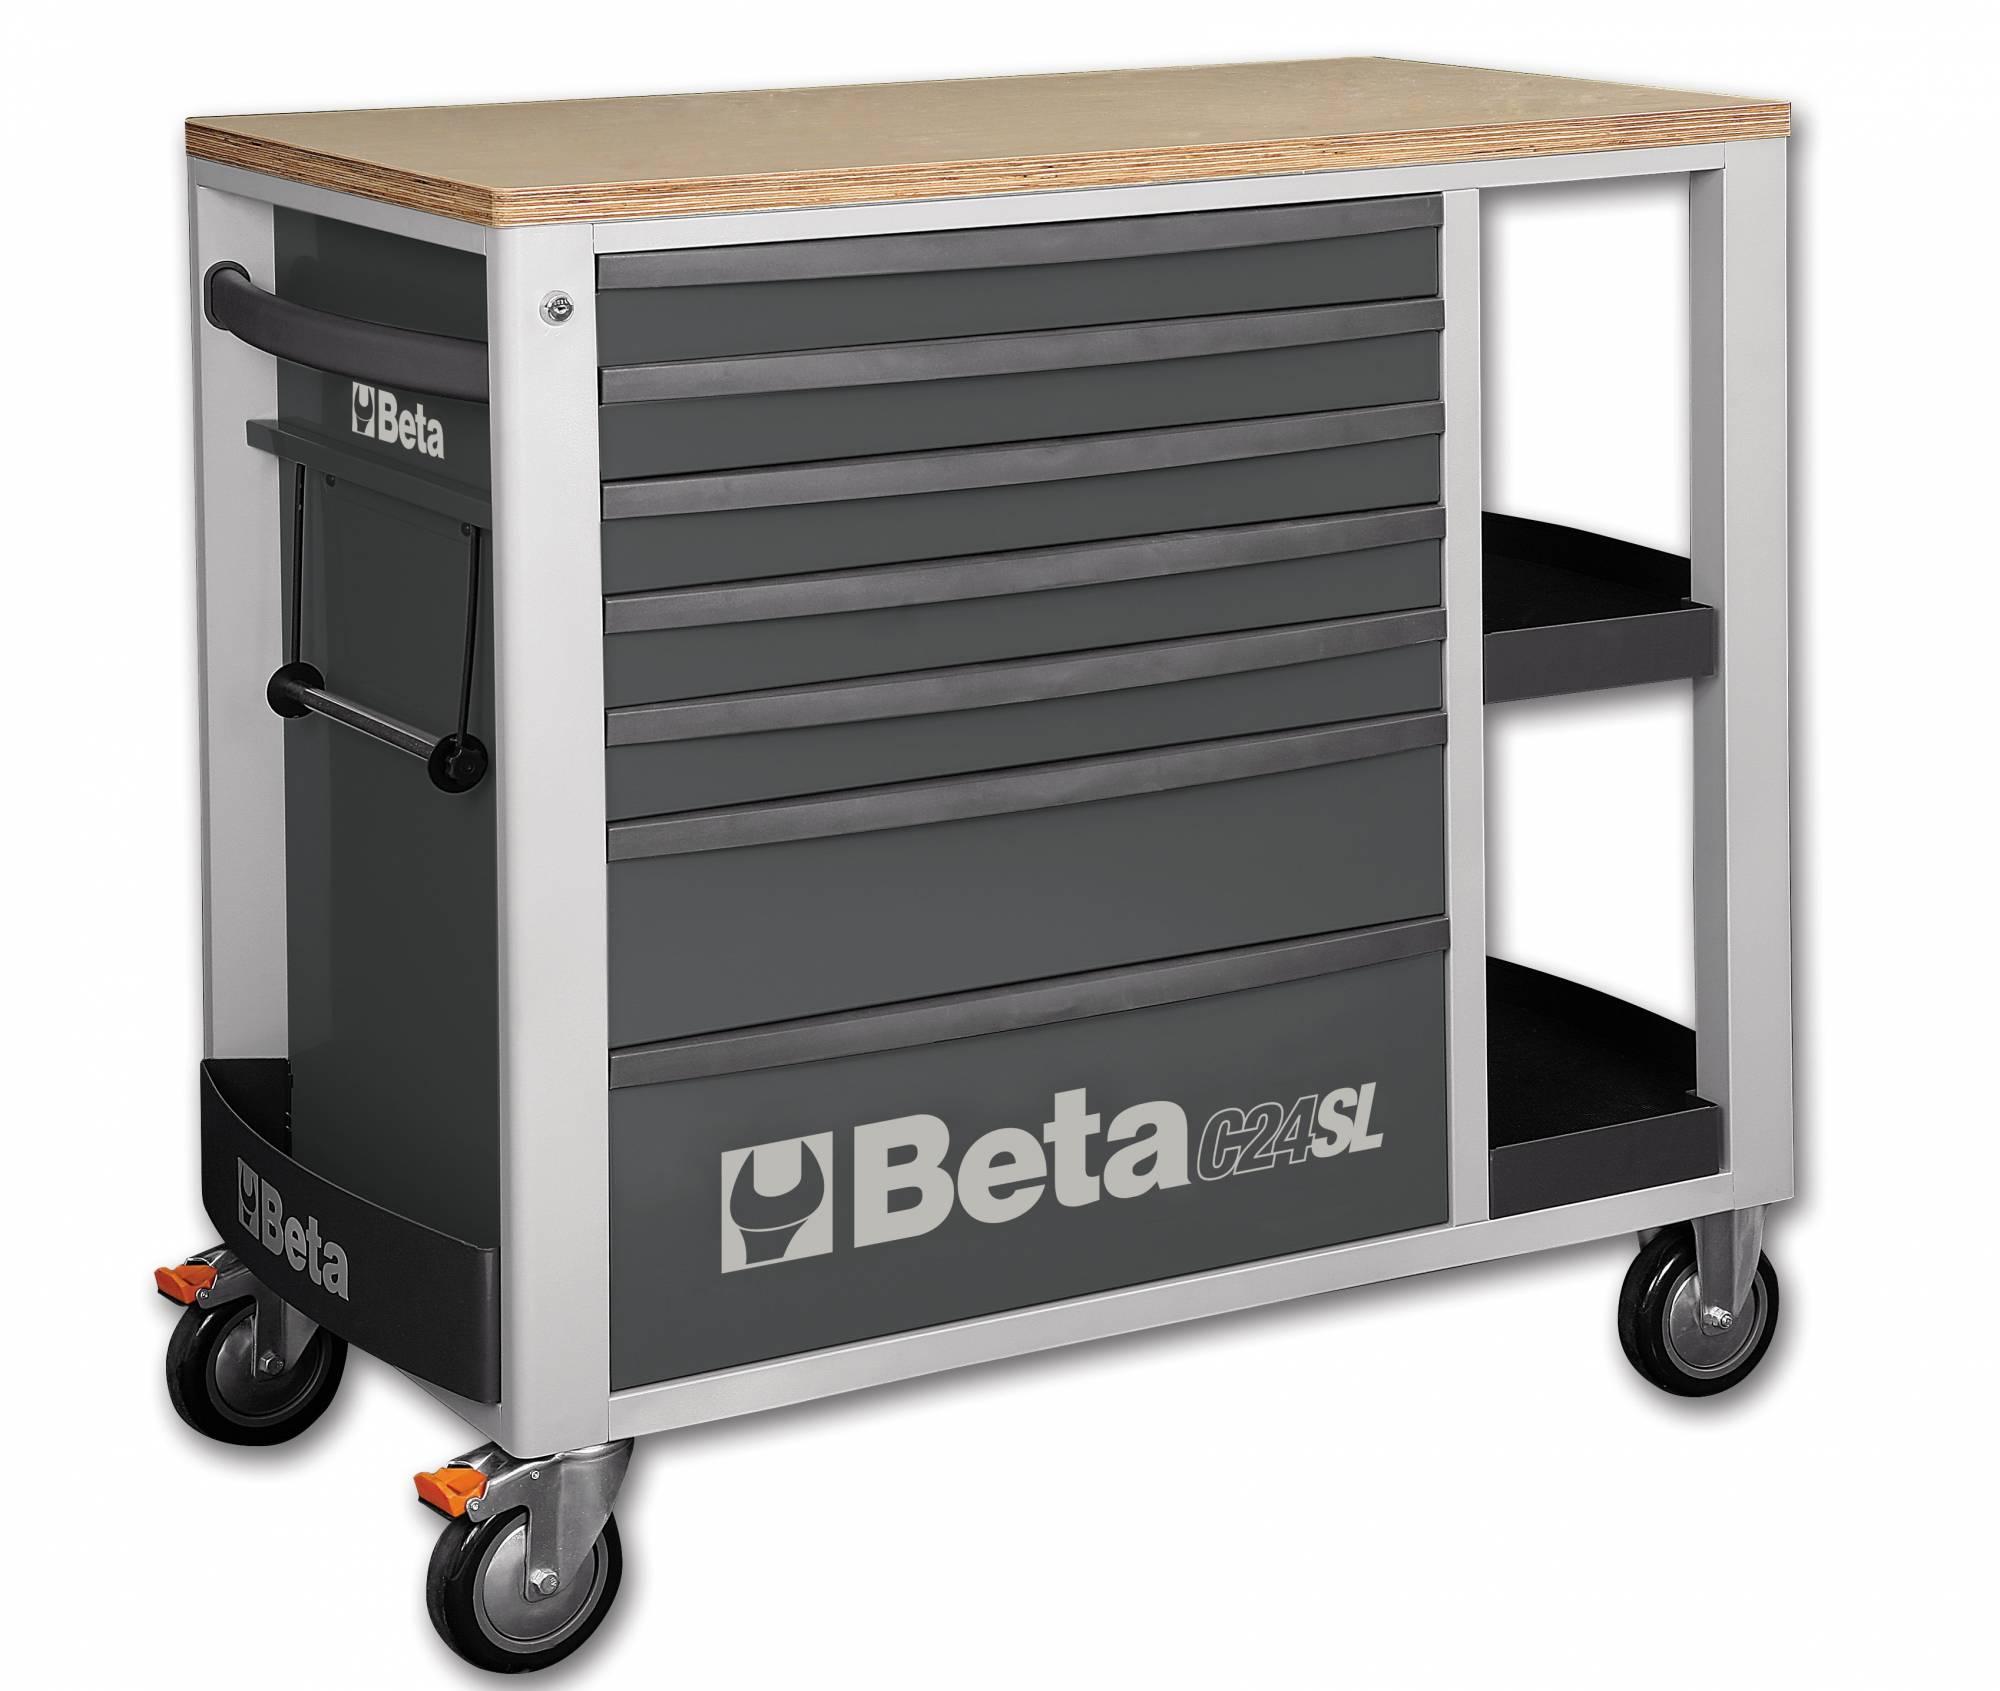 servante d 39 atelier beta grise mobile 7 tiroirs avec tablette lat rales c24sl achat mat riel et. Black Bedroom Furniture Sets. Home Design Ideas